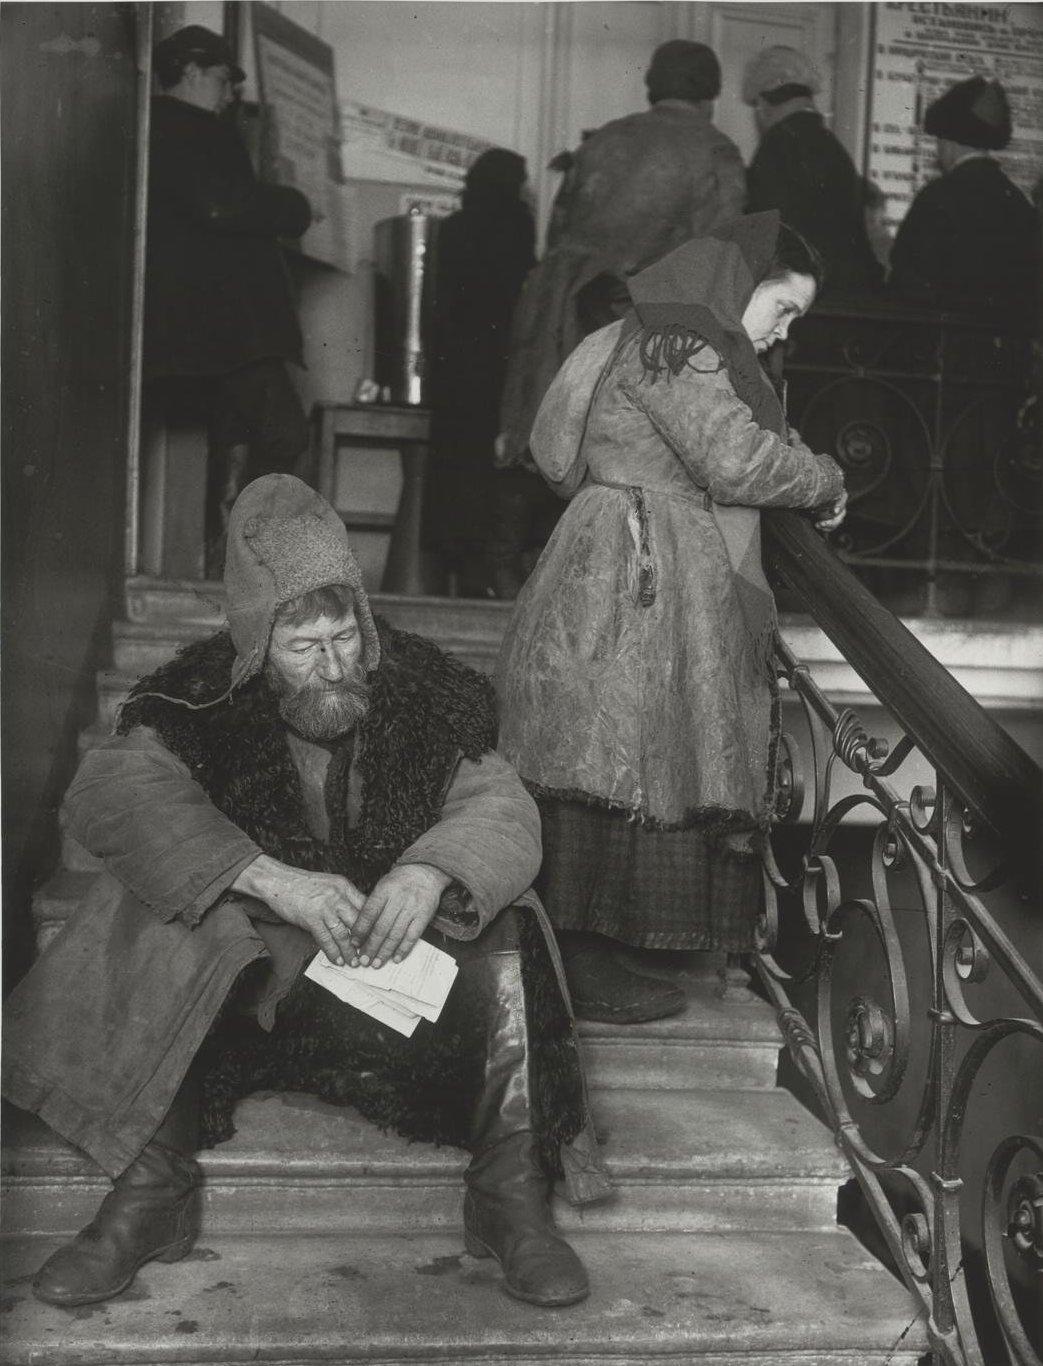 1924. Ходоки в Приемной всесоюзного старосты Михаила Калинина